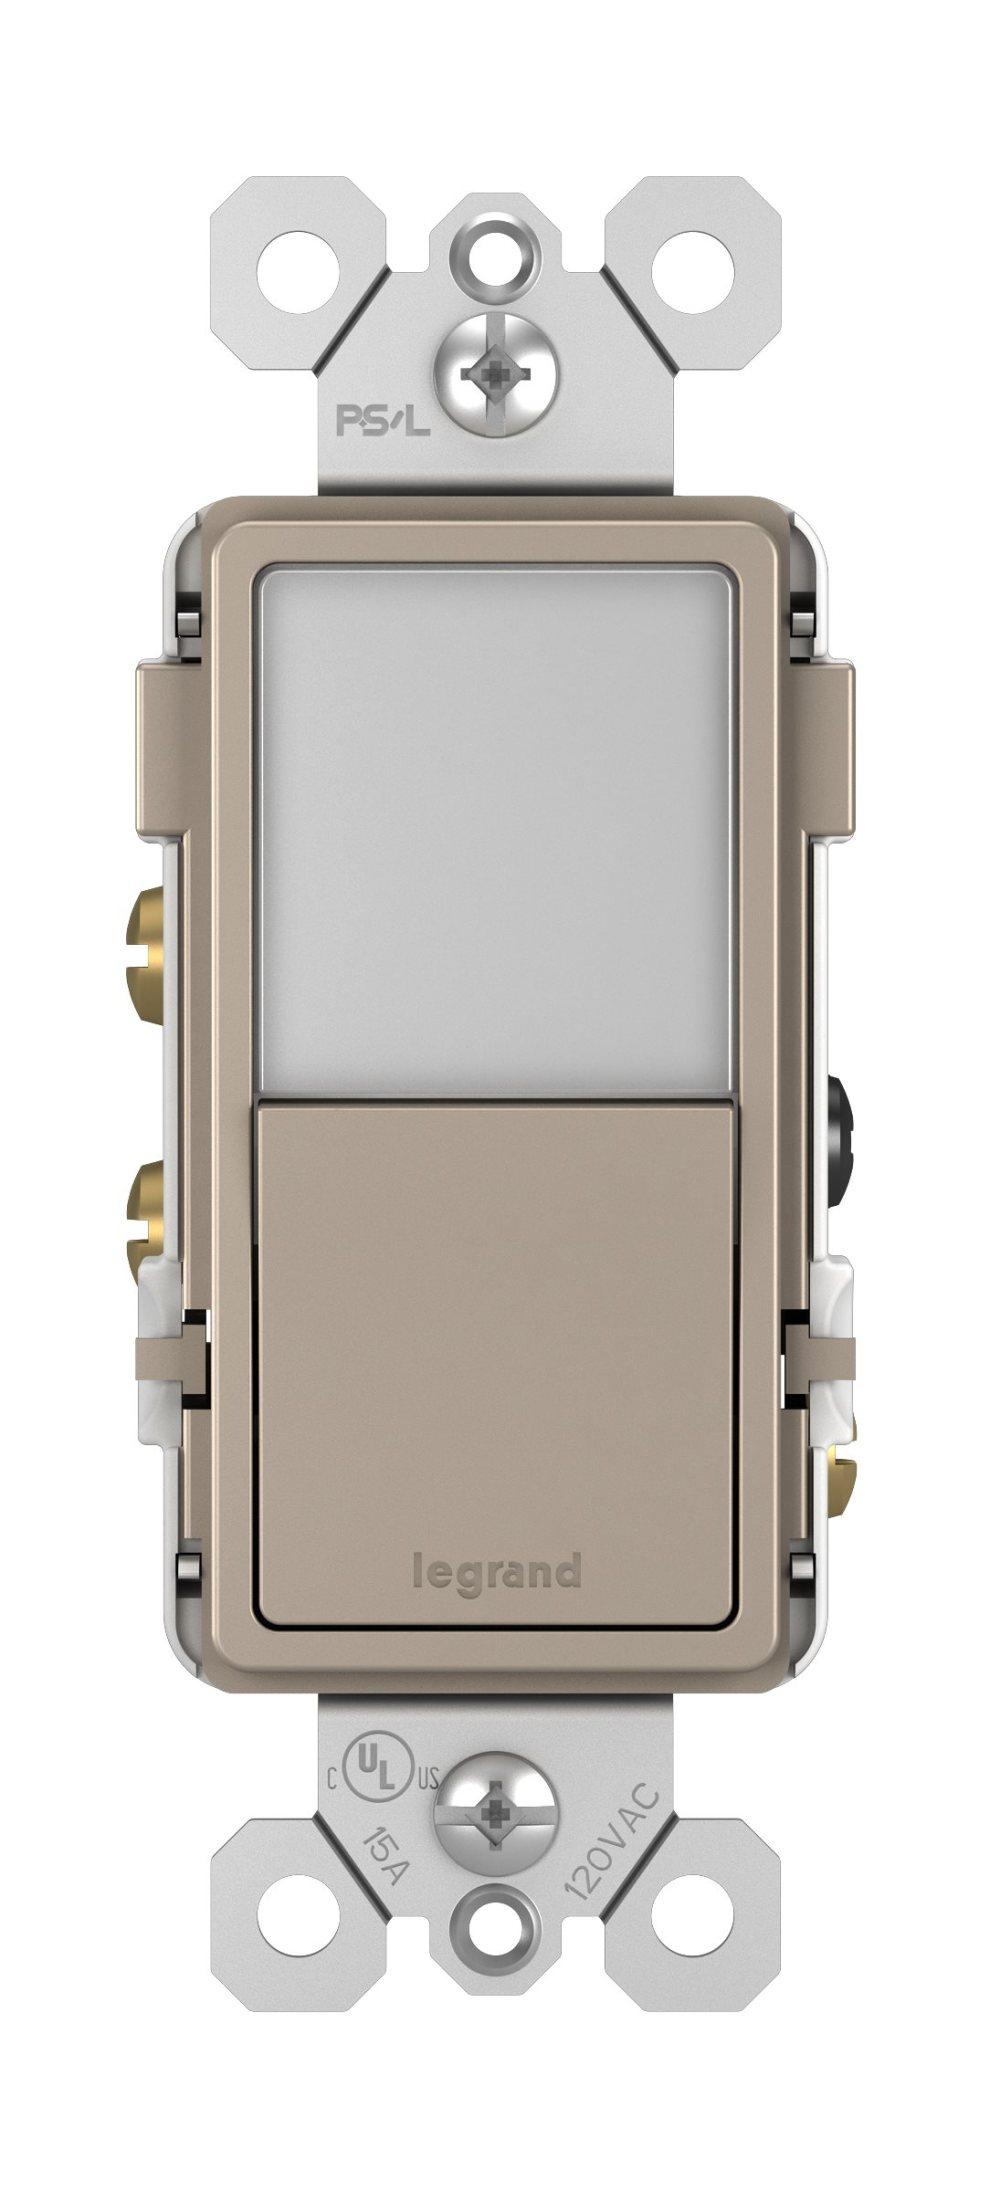 medium resolution of night light single pole 3 way switch